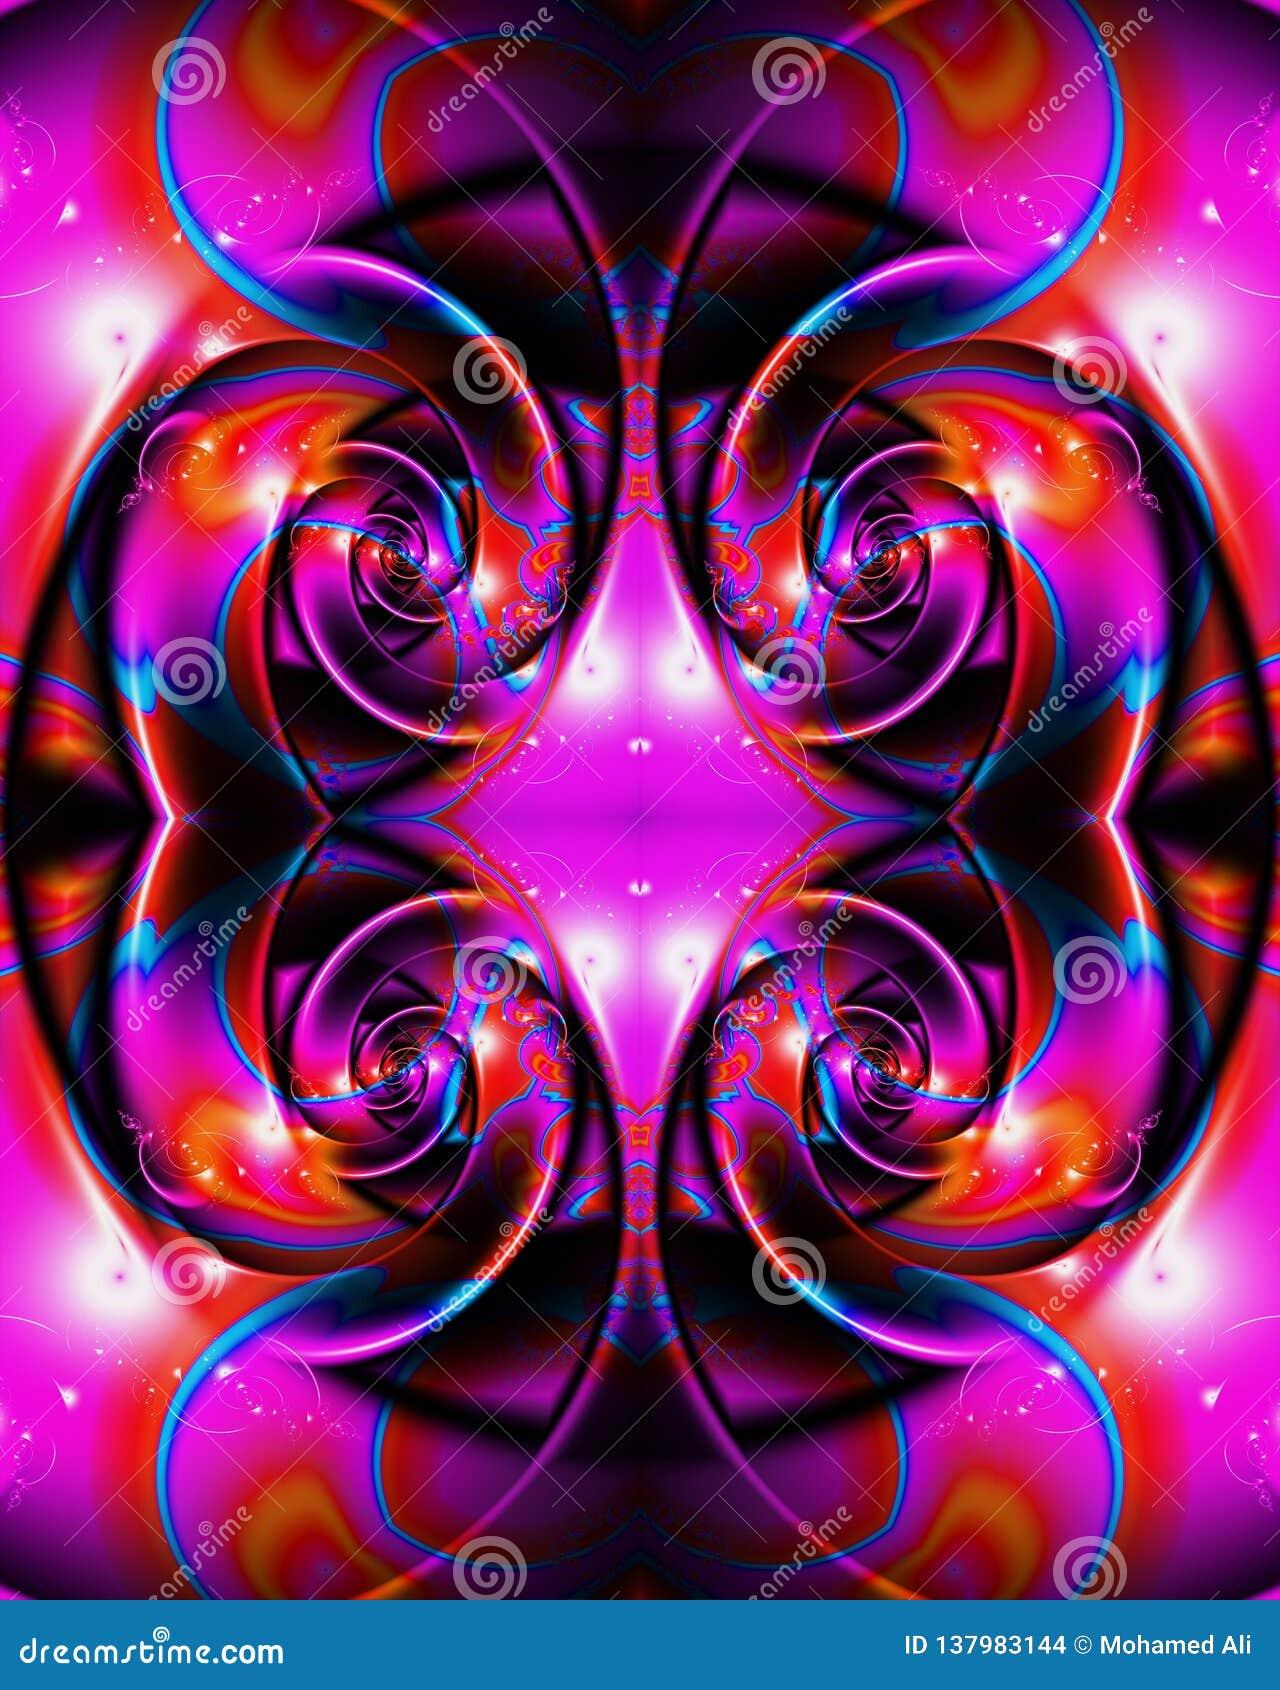 Fondo enérgico multicolor único artístico generado por ordenador de las ilustraciones de los modelos del fractal del extracto que